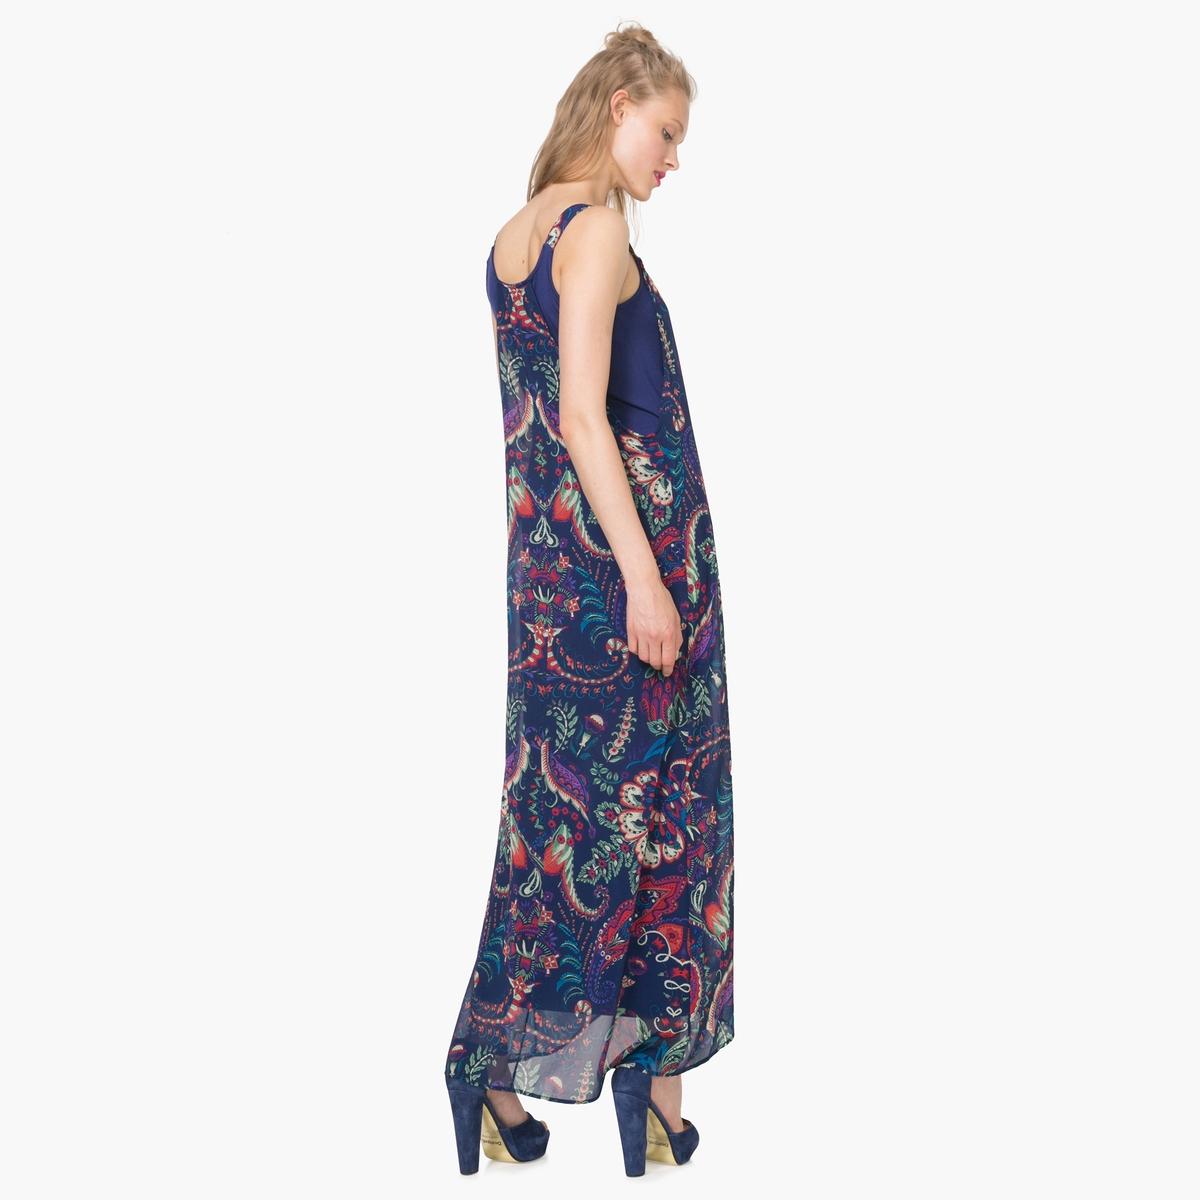 Платье длинное с бретелями с рисункомДетали  •  Форма : длинная •  Длинное •  Тонкие бретели    •  Круглый вырез •  Рисунок-принт Состав и уход •  33% хлопка, 67% полиэстера •  Следуйте советам по уходу, указанным на этикетке<br><br>Цвет: темно-синий<br>Размер: 36 (FR) - 42 (RUS)